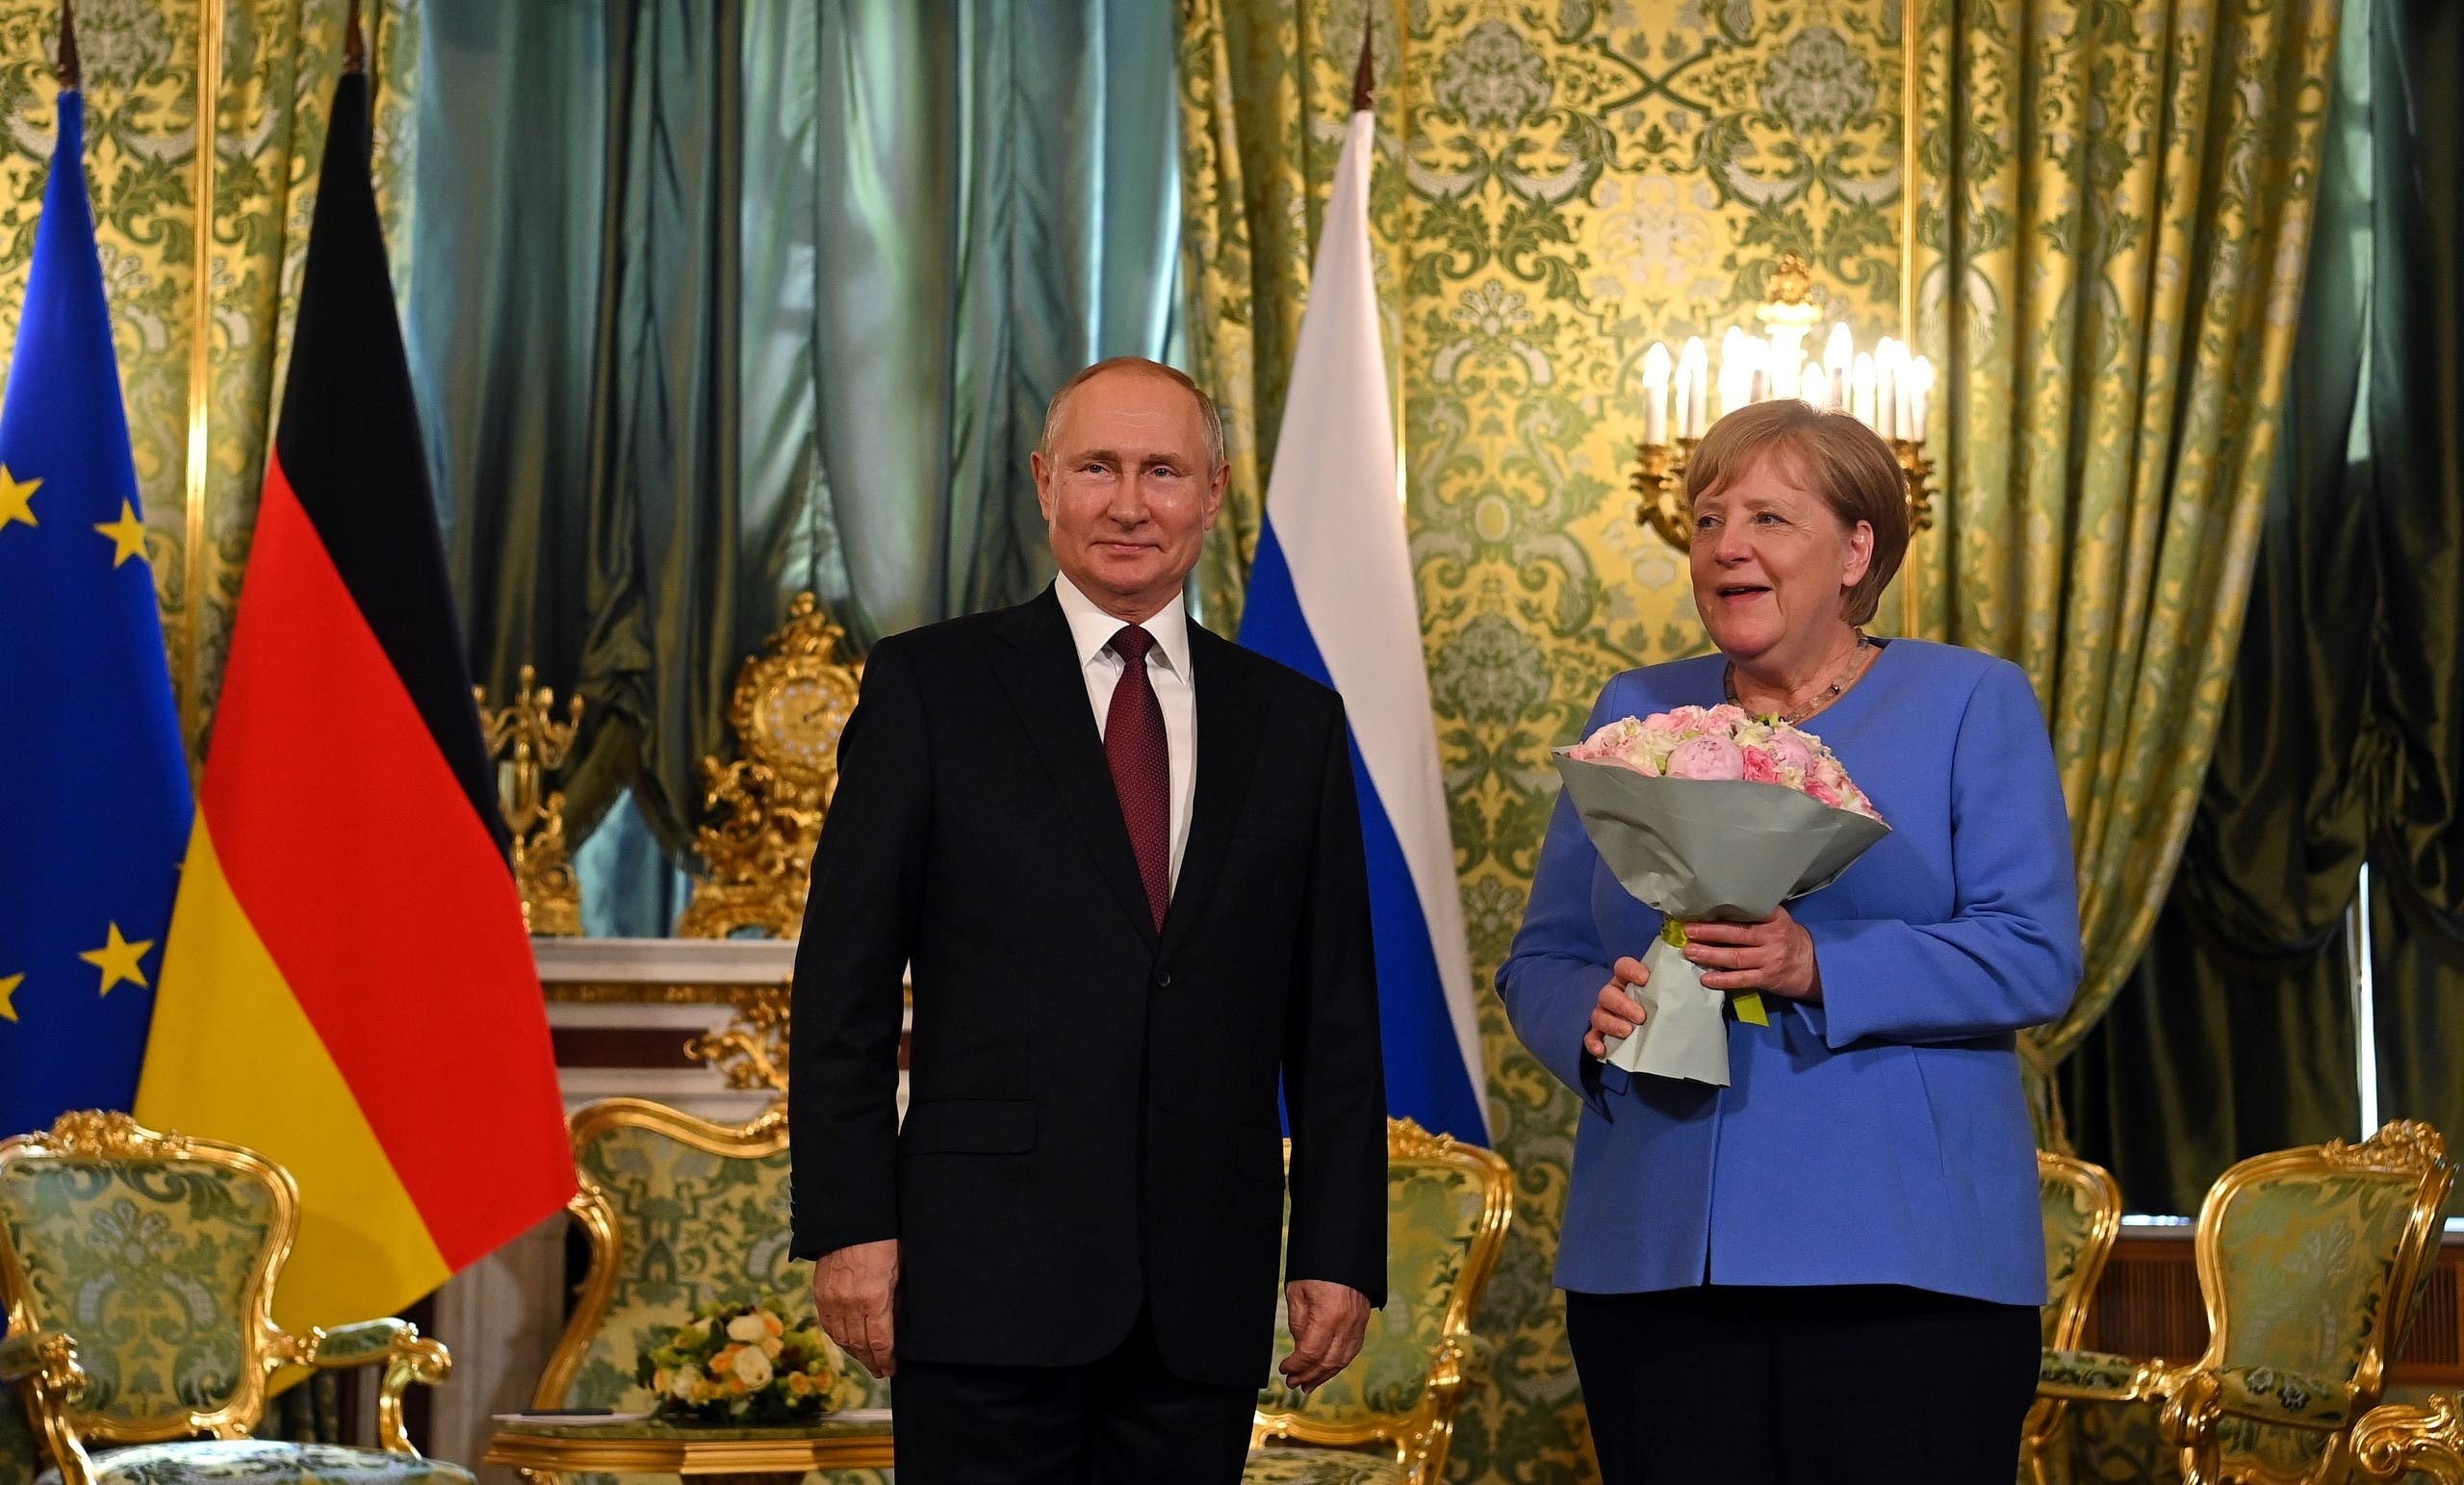 باقة من الورود هدية بوتين لميركل (رويترز)